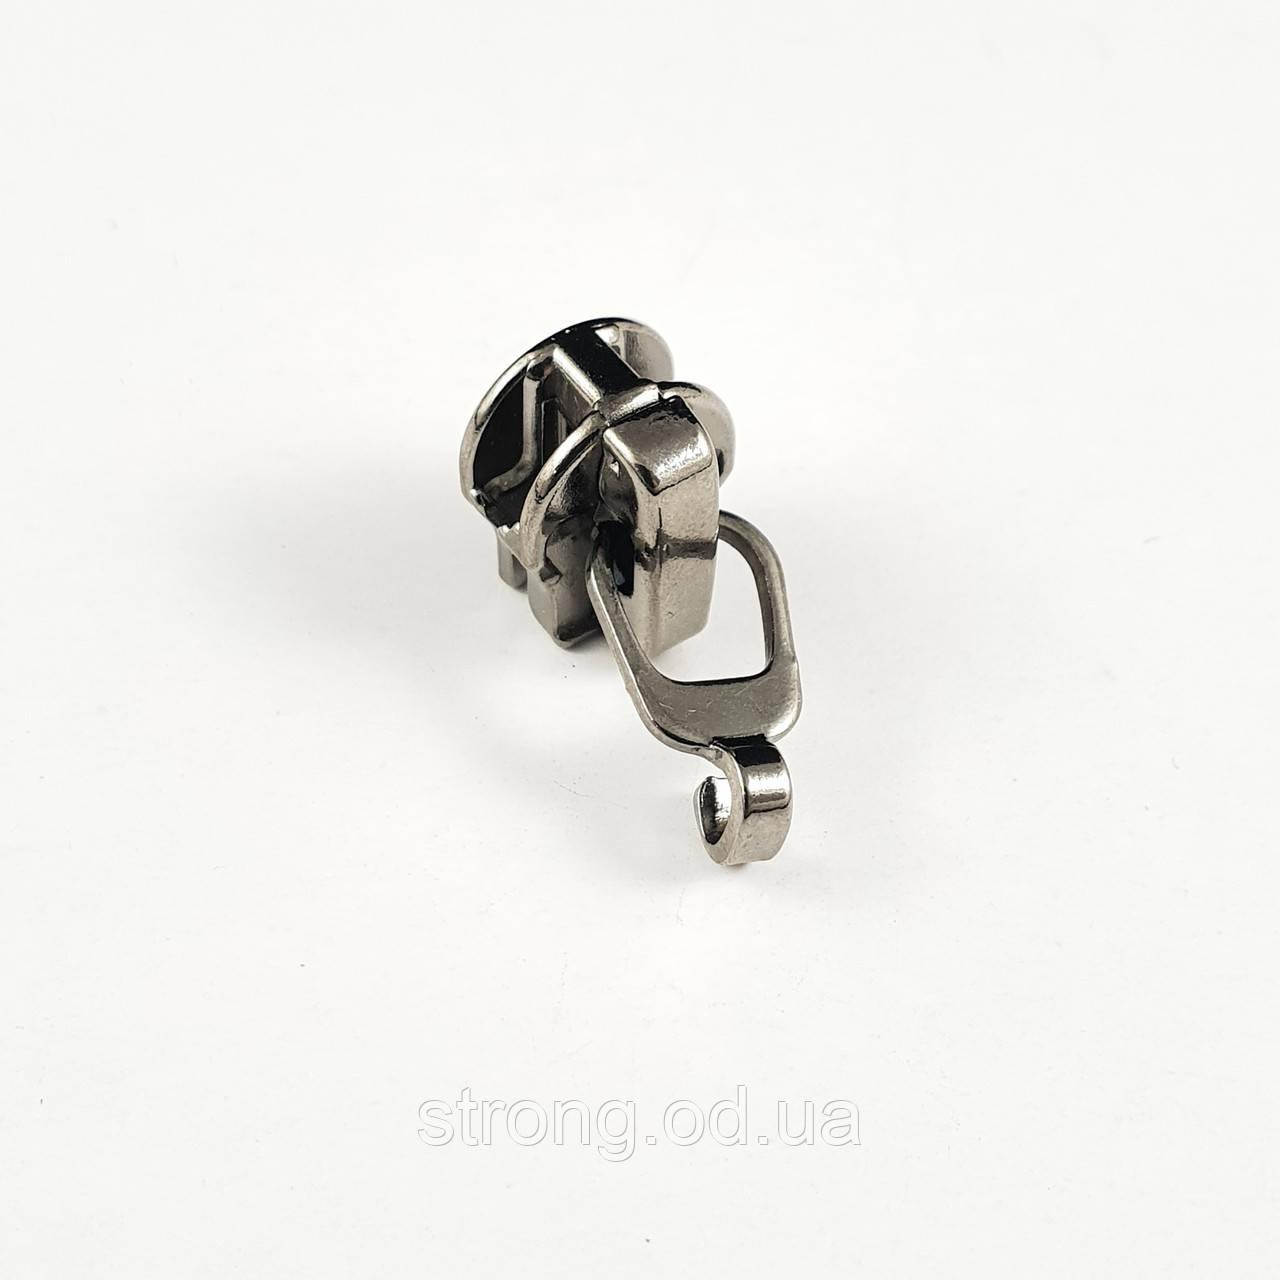 Бегунок Тип 5 для спиральной молнии без пуллера,темный никель 100шт.